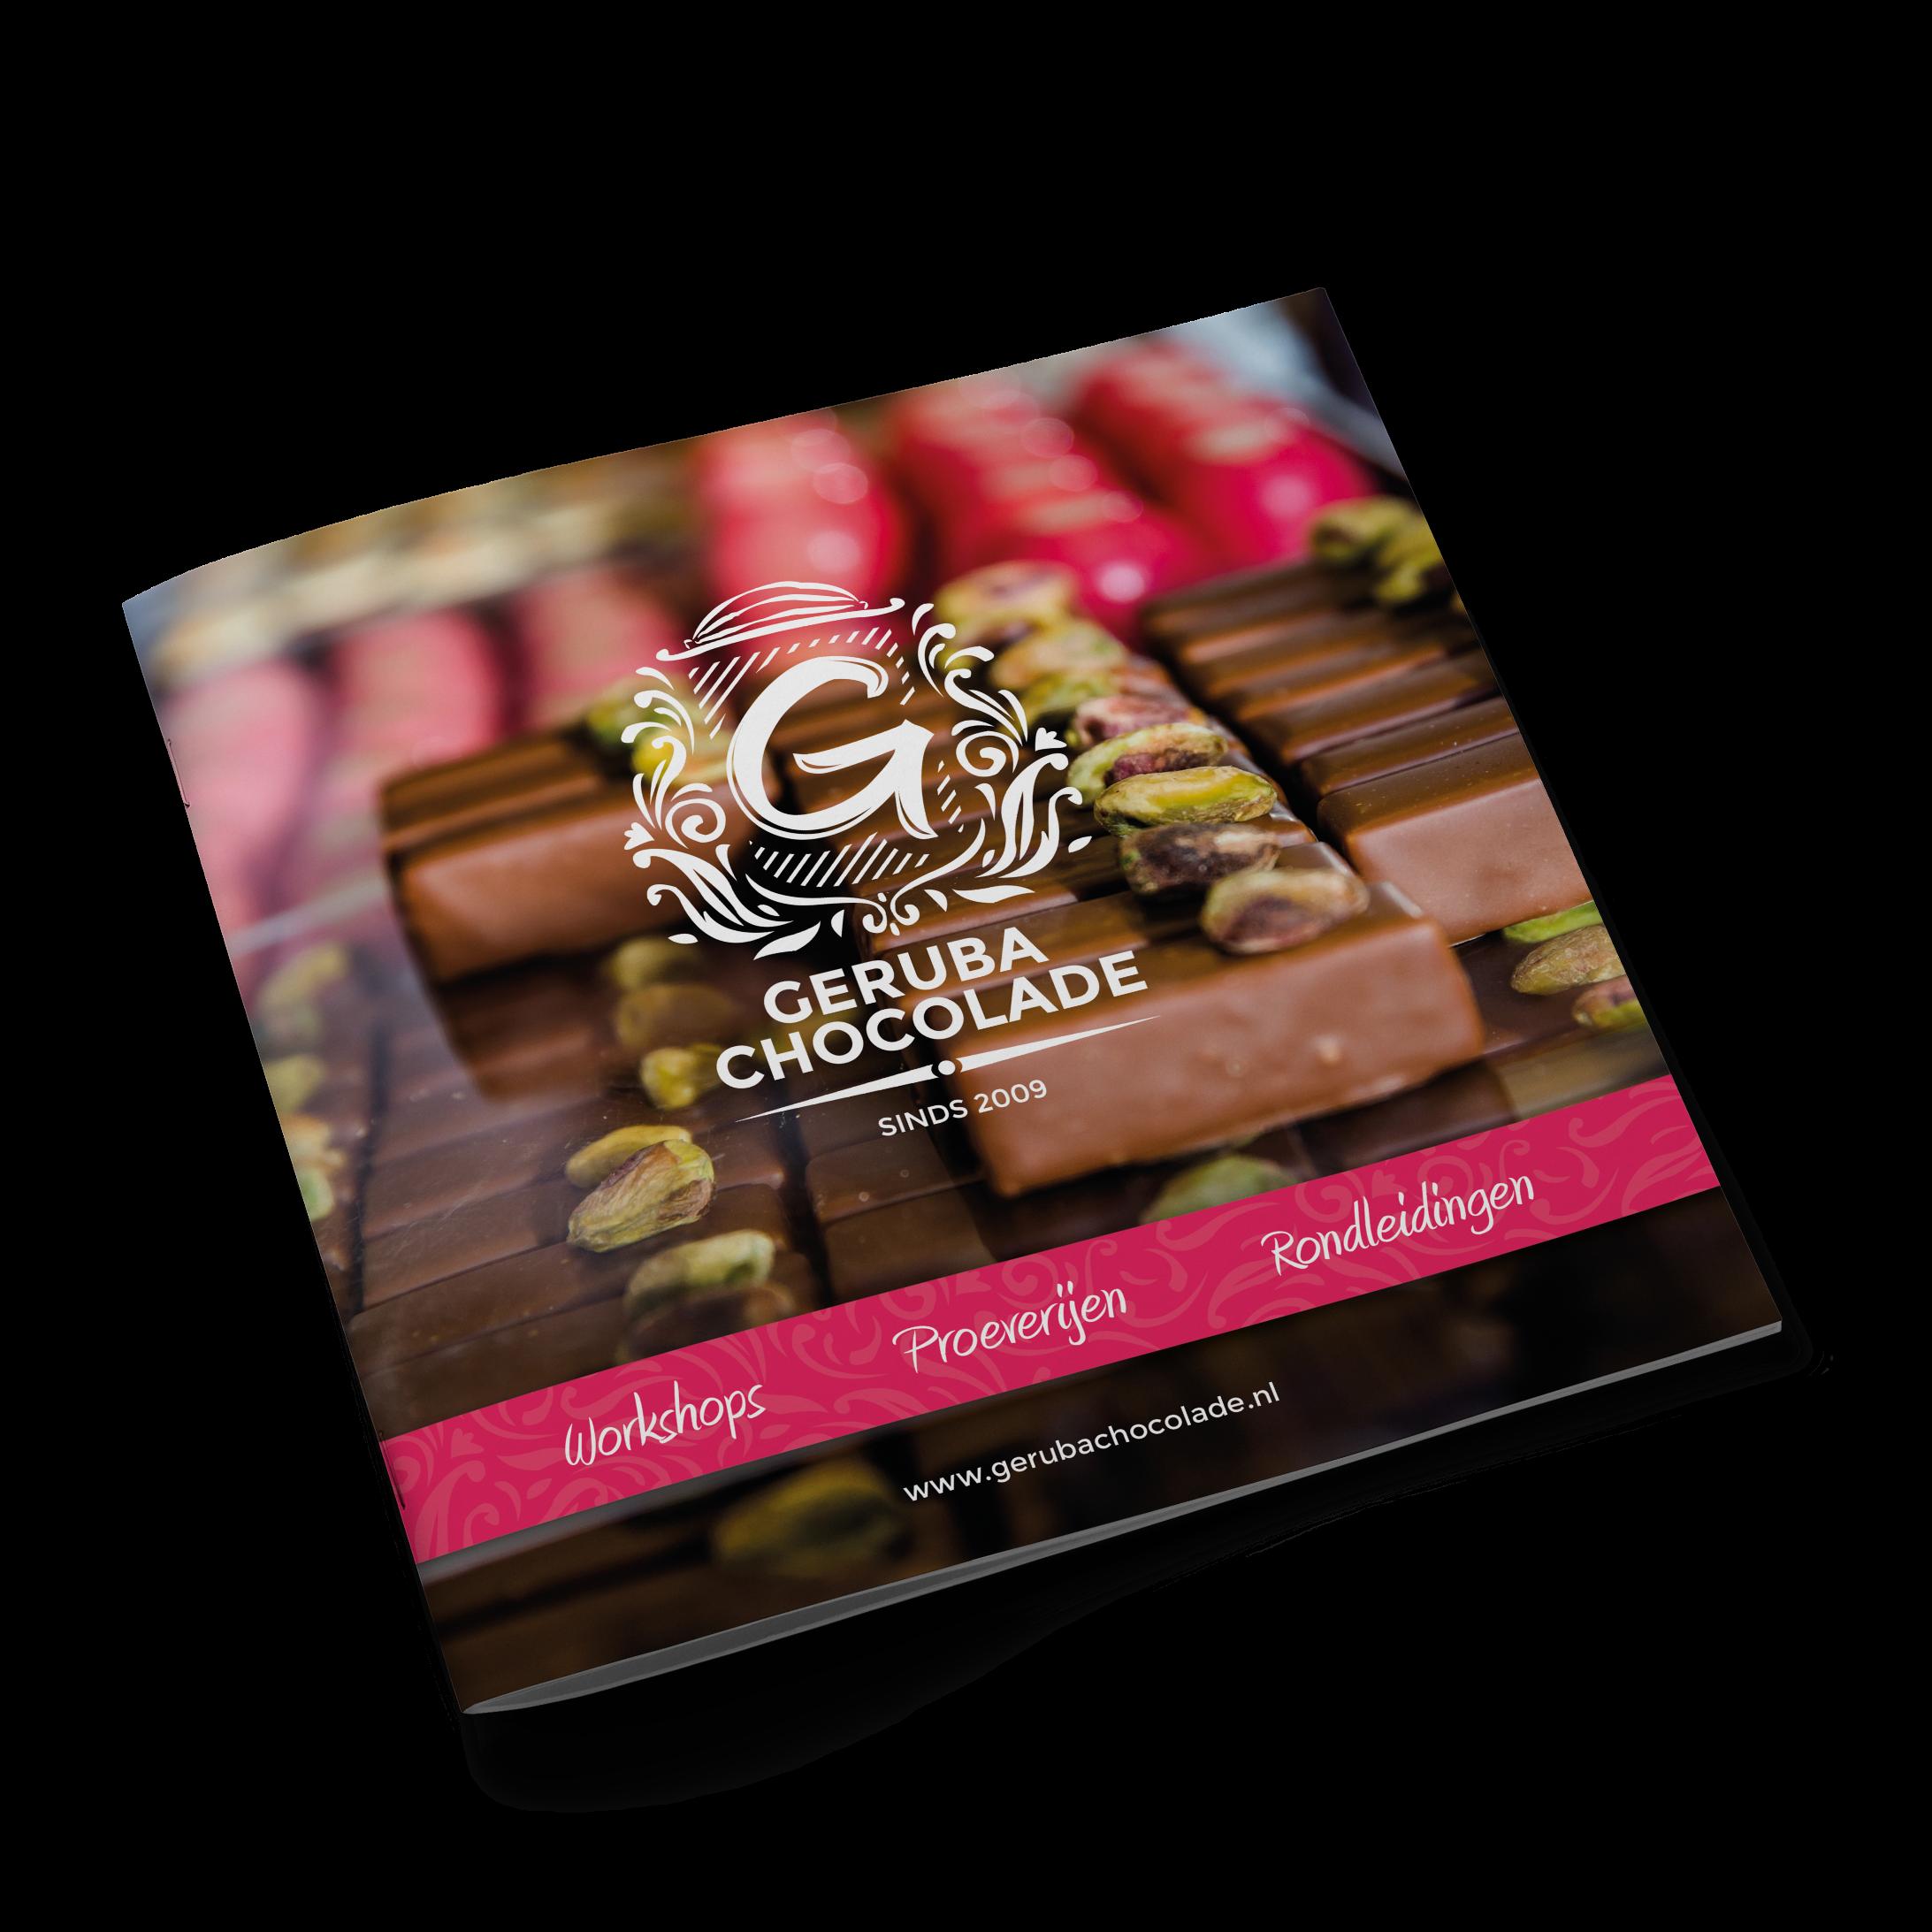 Workshops van Geruba Chocolade